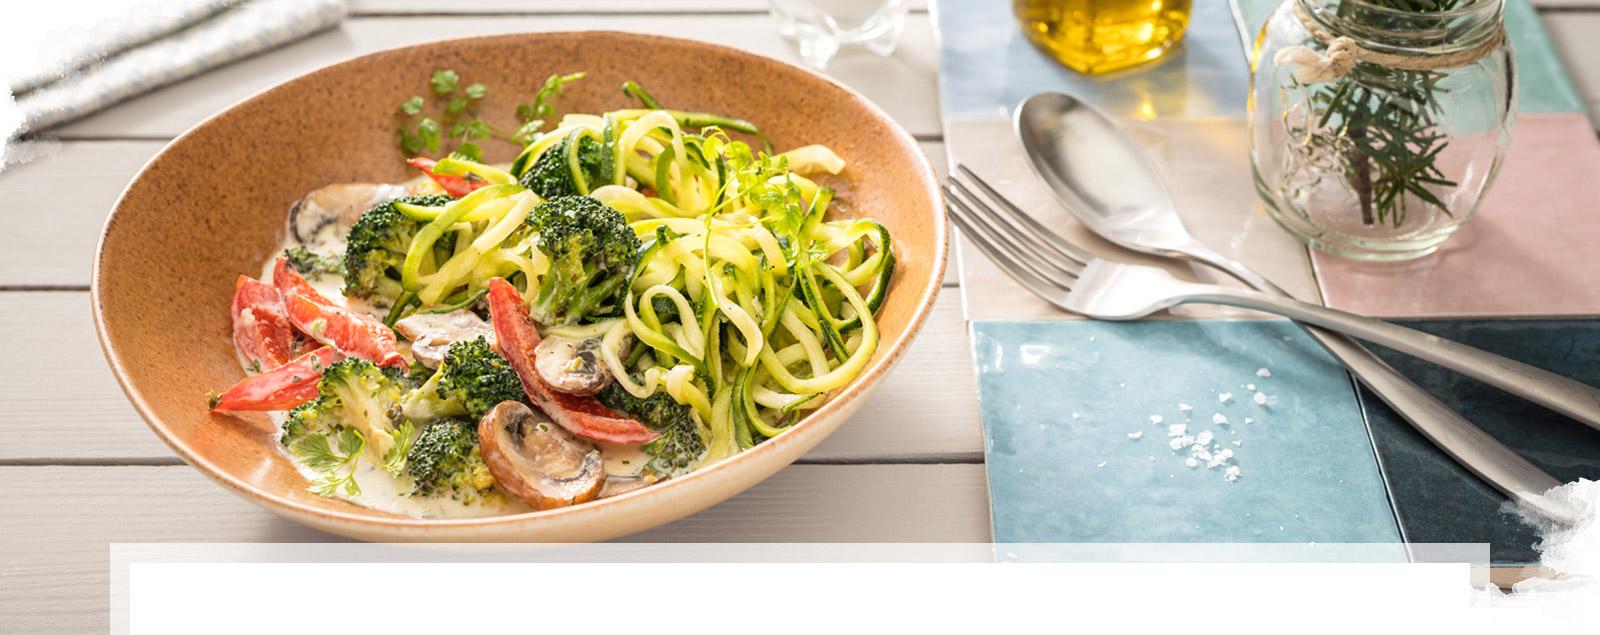 Zucchini Nudeln mit Brunch